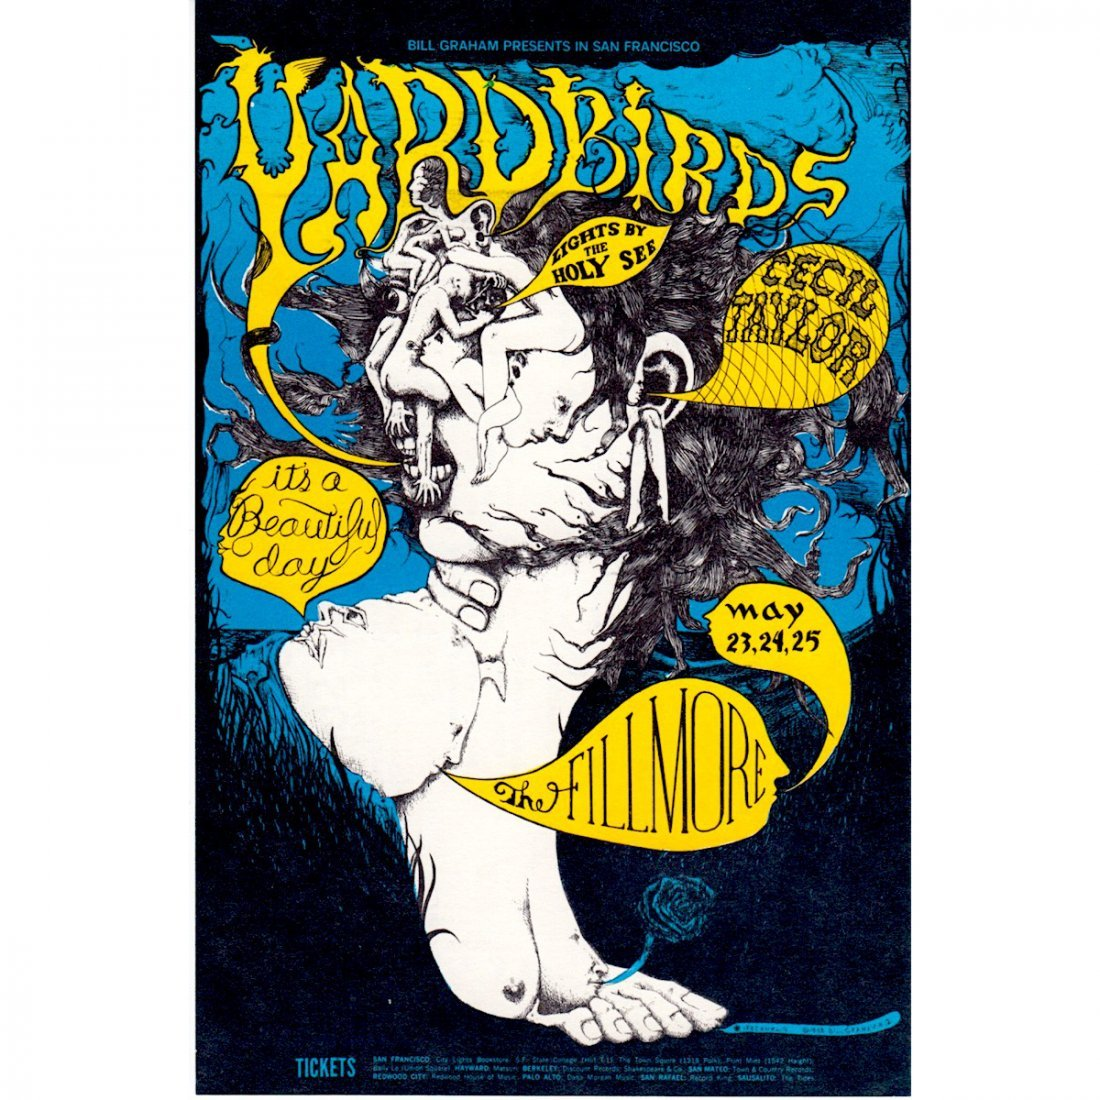 The Yardbirds - 1968 Fillmore Concert Handbill